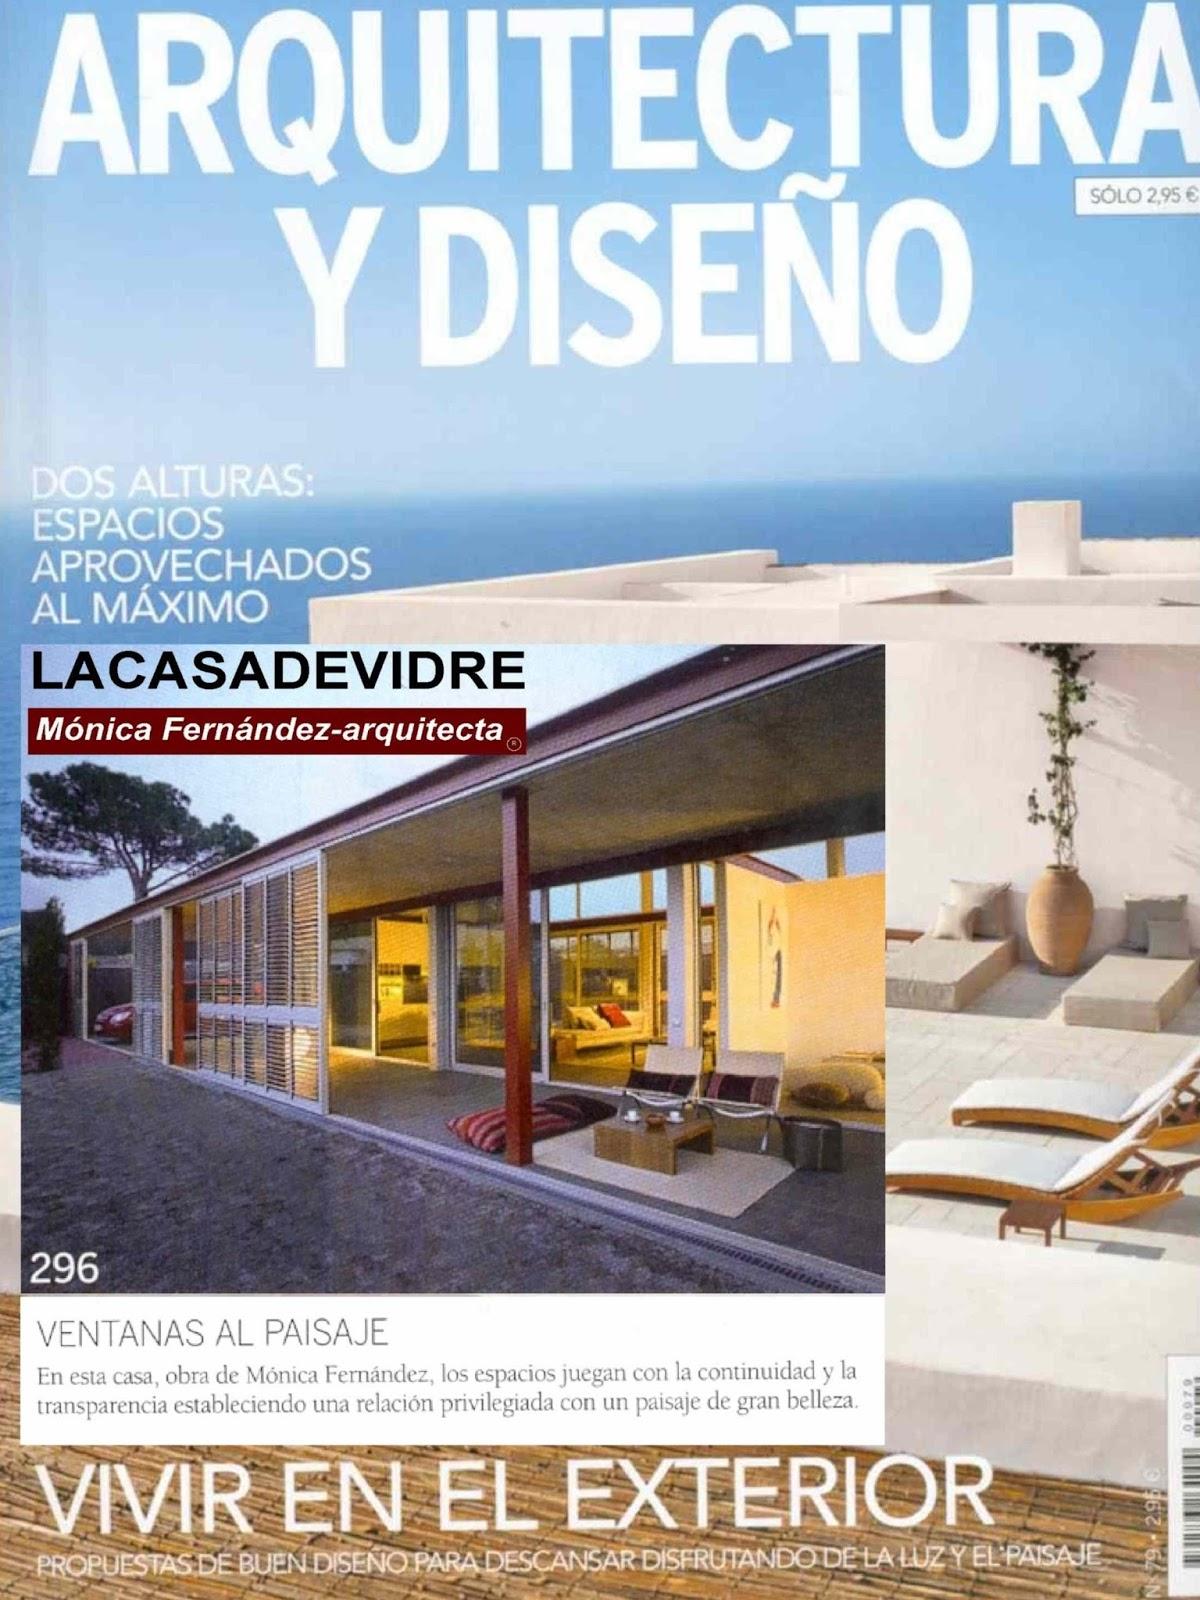 Arquitecto habitatgesautor for Revista habitat arquitectura diseno interiorismo